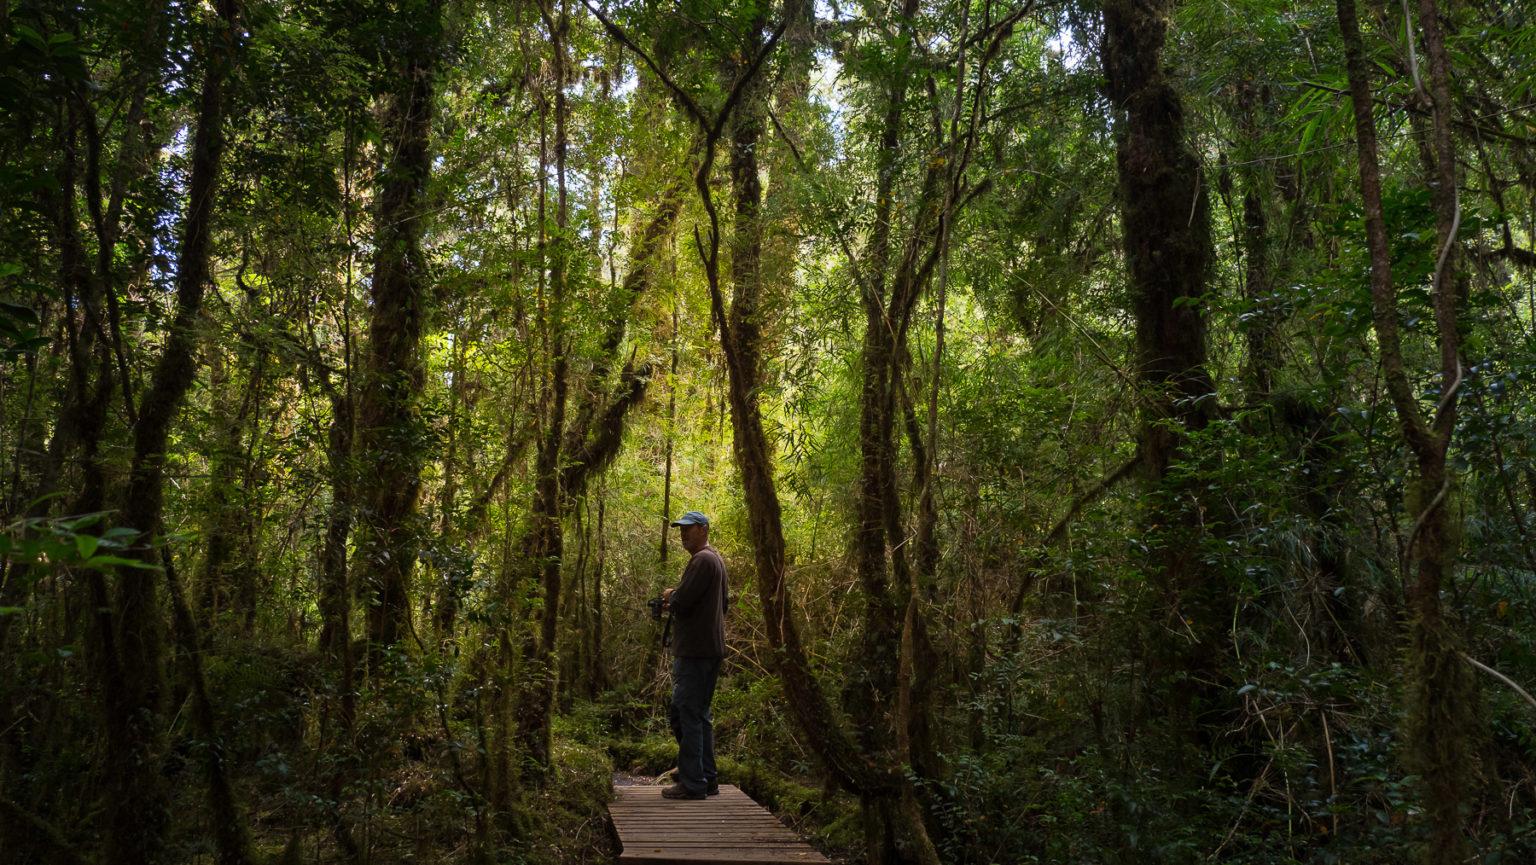 Die Wege sind wunderschön und das Ambiente ist irgendwie märchenhaft.